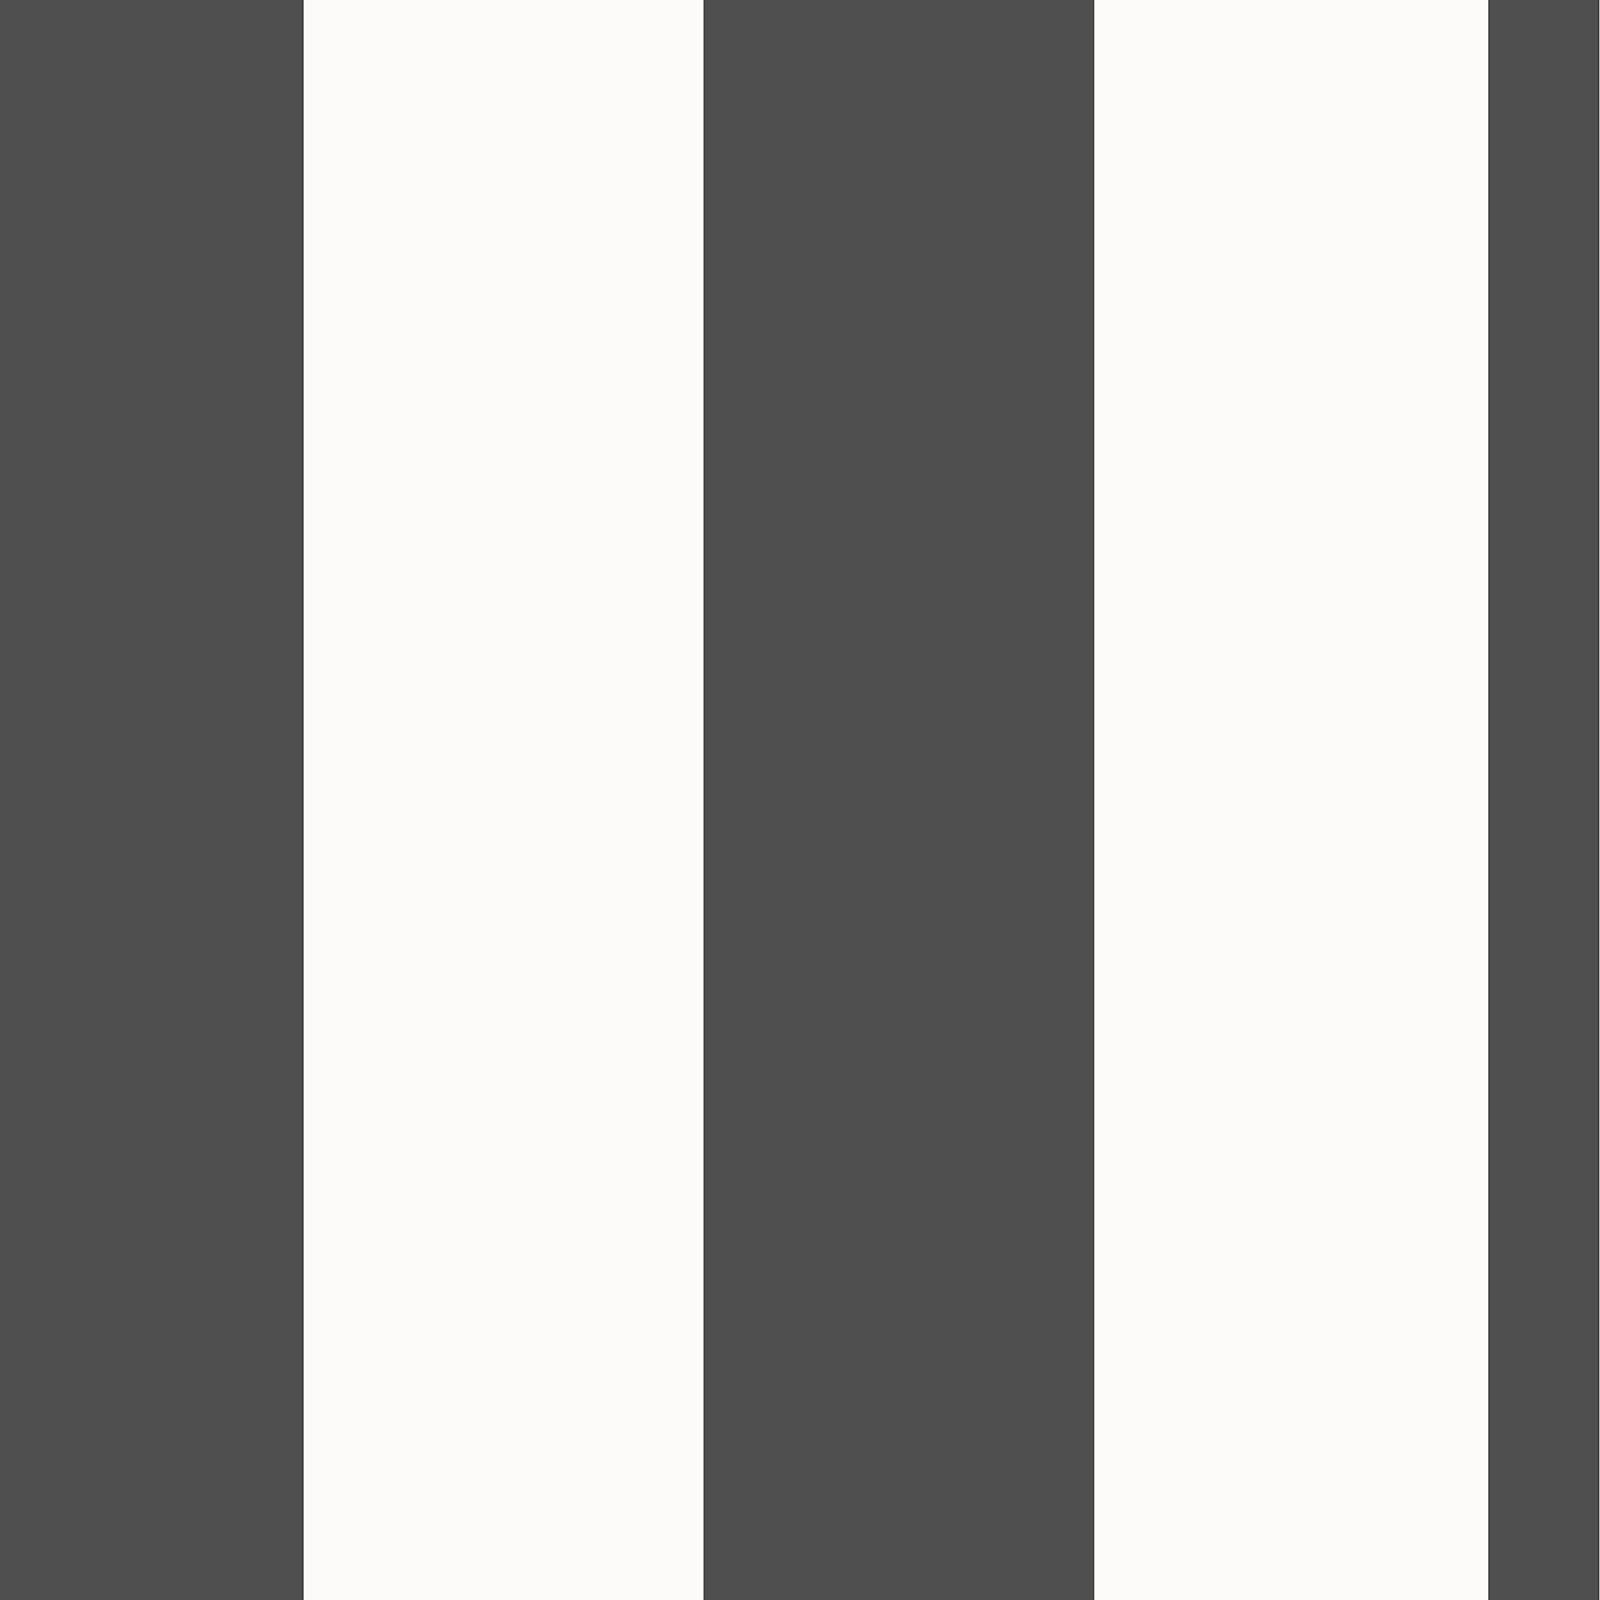 Rasch breit streifen tapete horizontal vertikal wei for Tapete schwarz silber